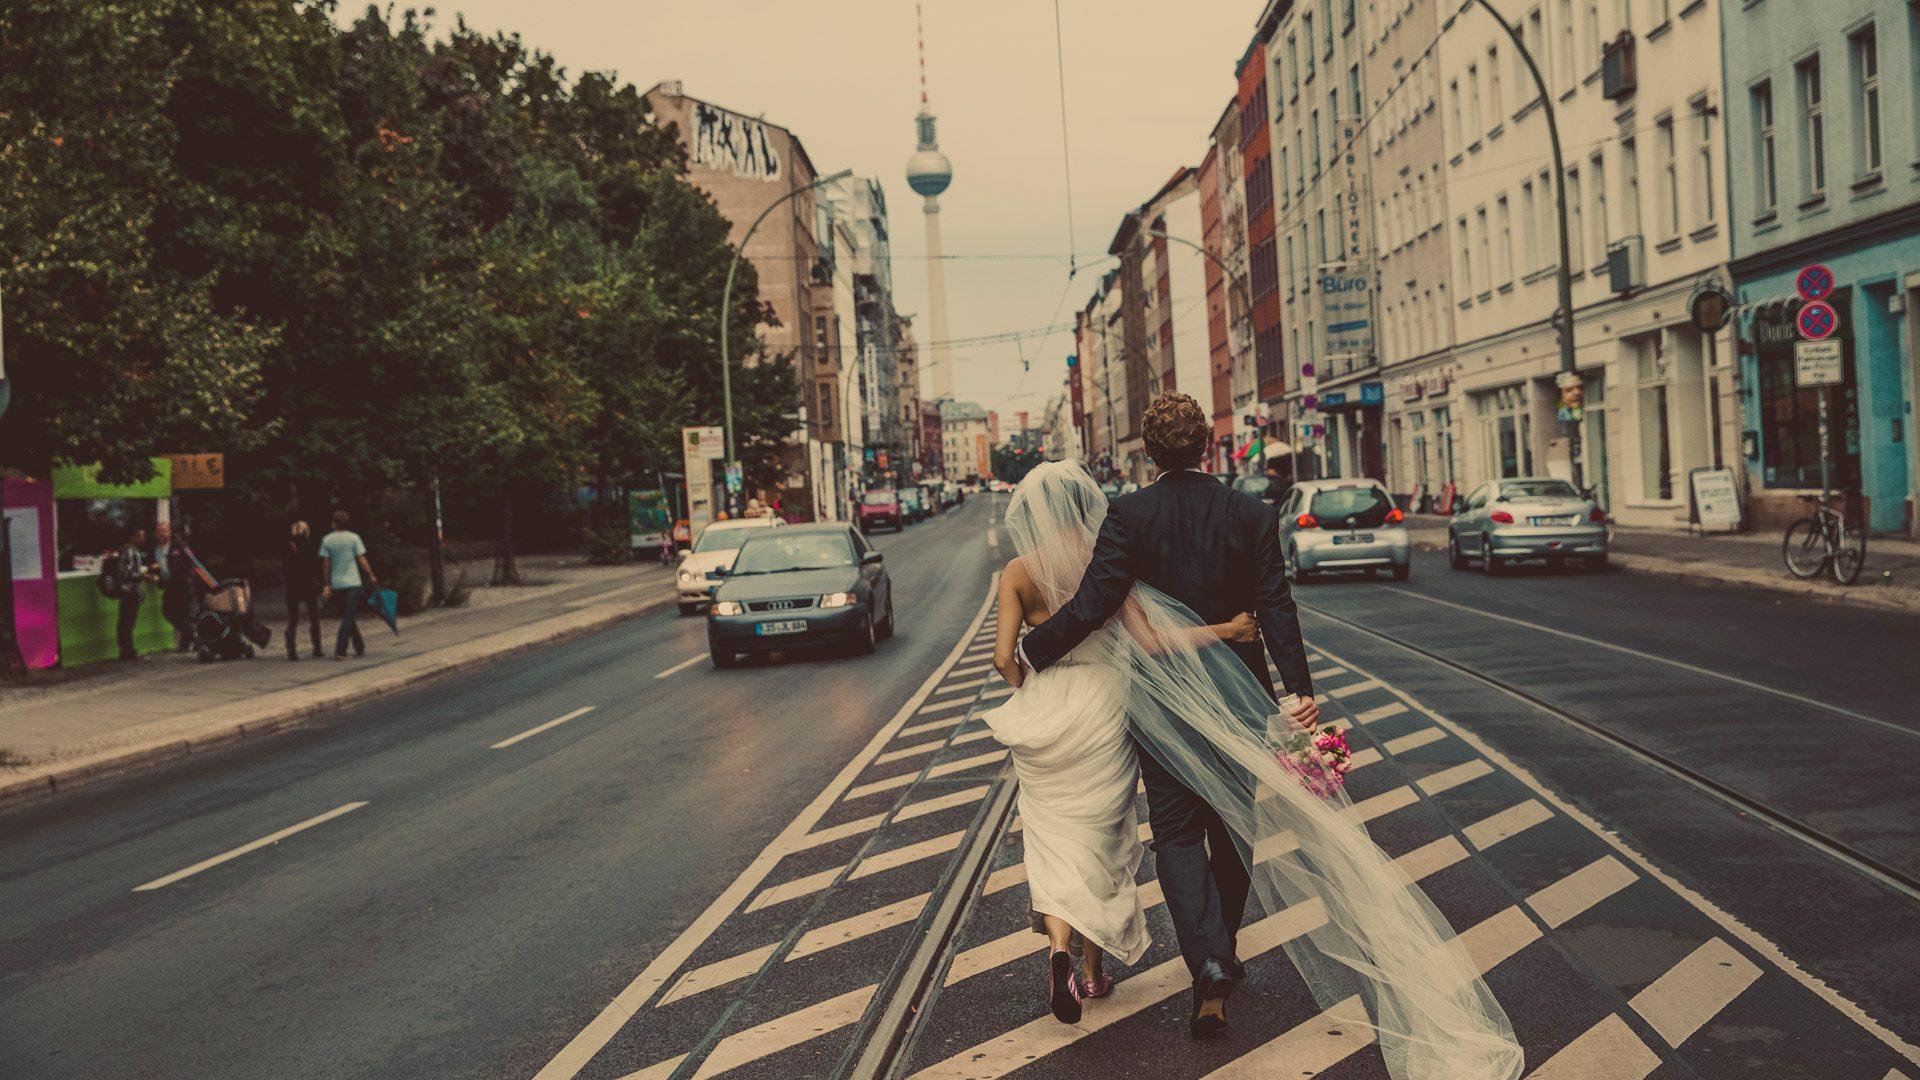 Hochzeit im Ballhaus Walzerlinksgestrickt